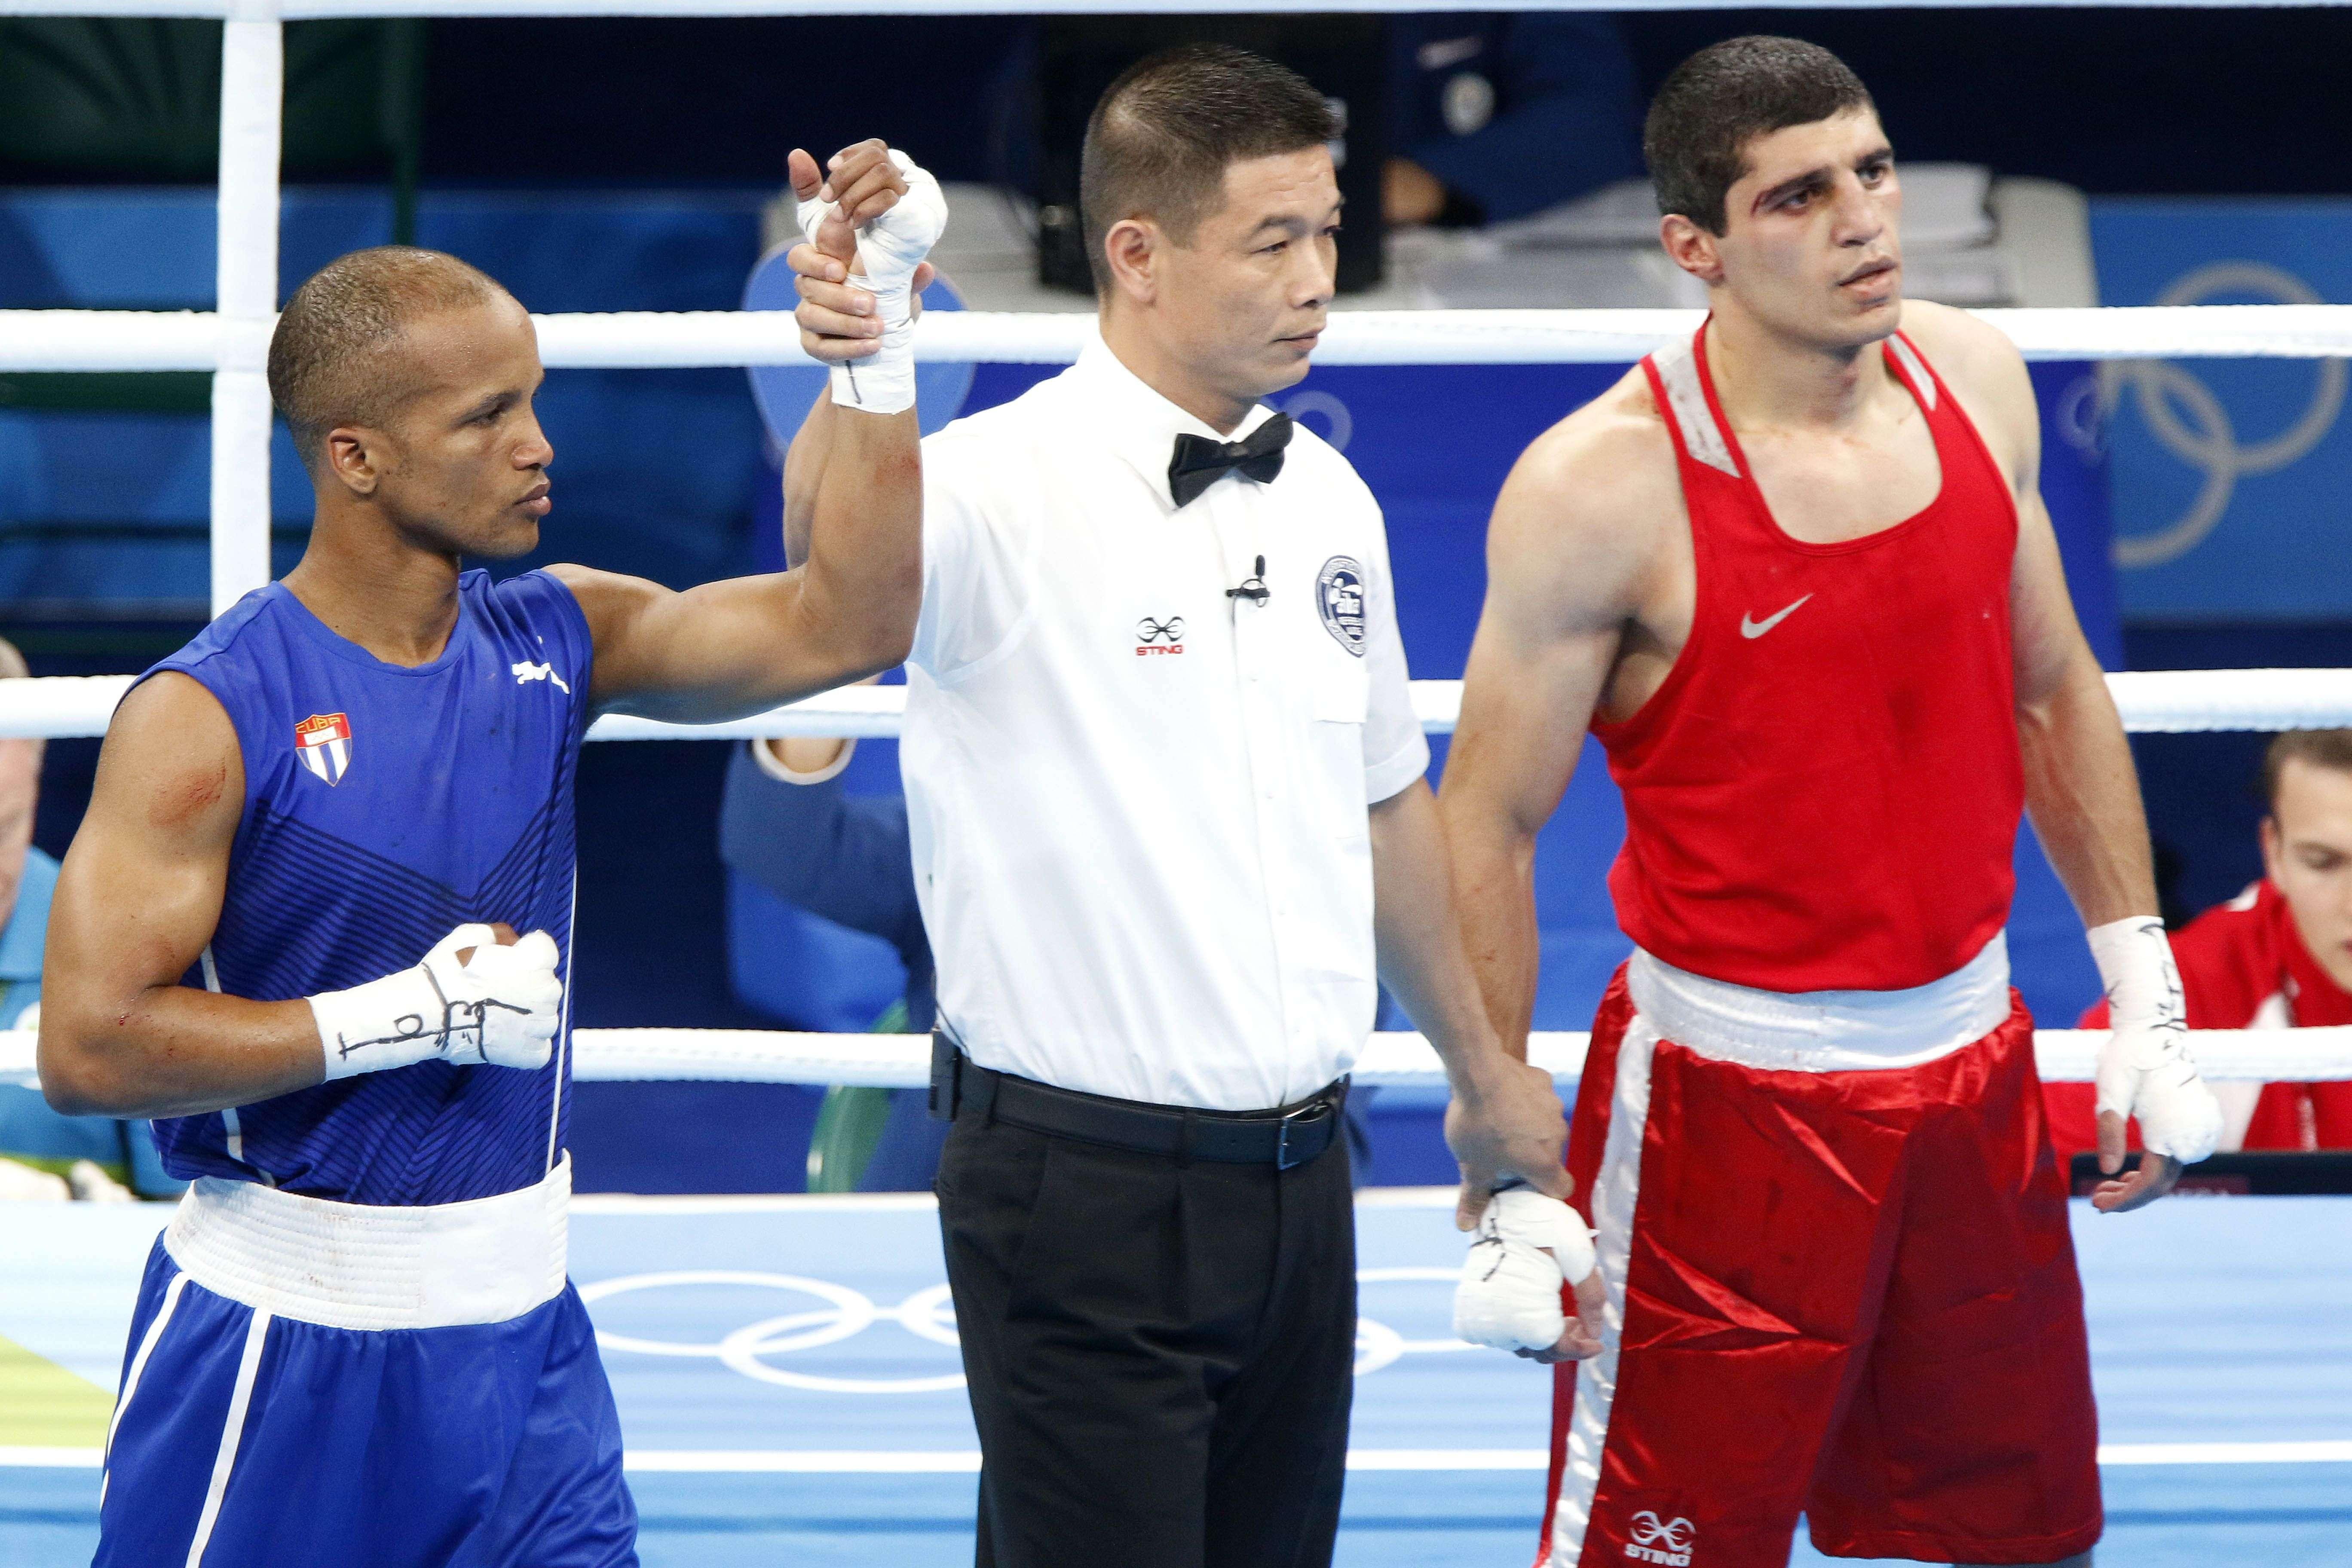 Roniel Iglesias (azul) de Cuba, derrota a Vladimir Margaryan (rojo) de Armenia, en los octavos de final de la categoría de los 69 Kg del boxeo de los Juegos Olímpicos de Río de Janeiro, en el pabellón 6 de Riocentro, en Barra de Tijuca, Brasil, el 11 de agosto de 2016. Foto: Roberto Morejón / JIT